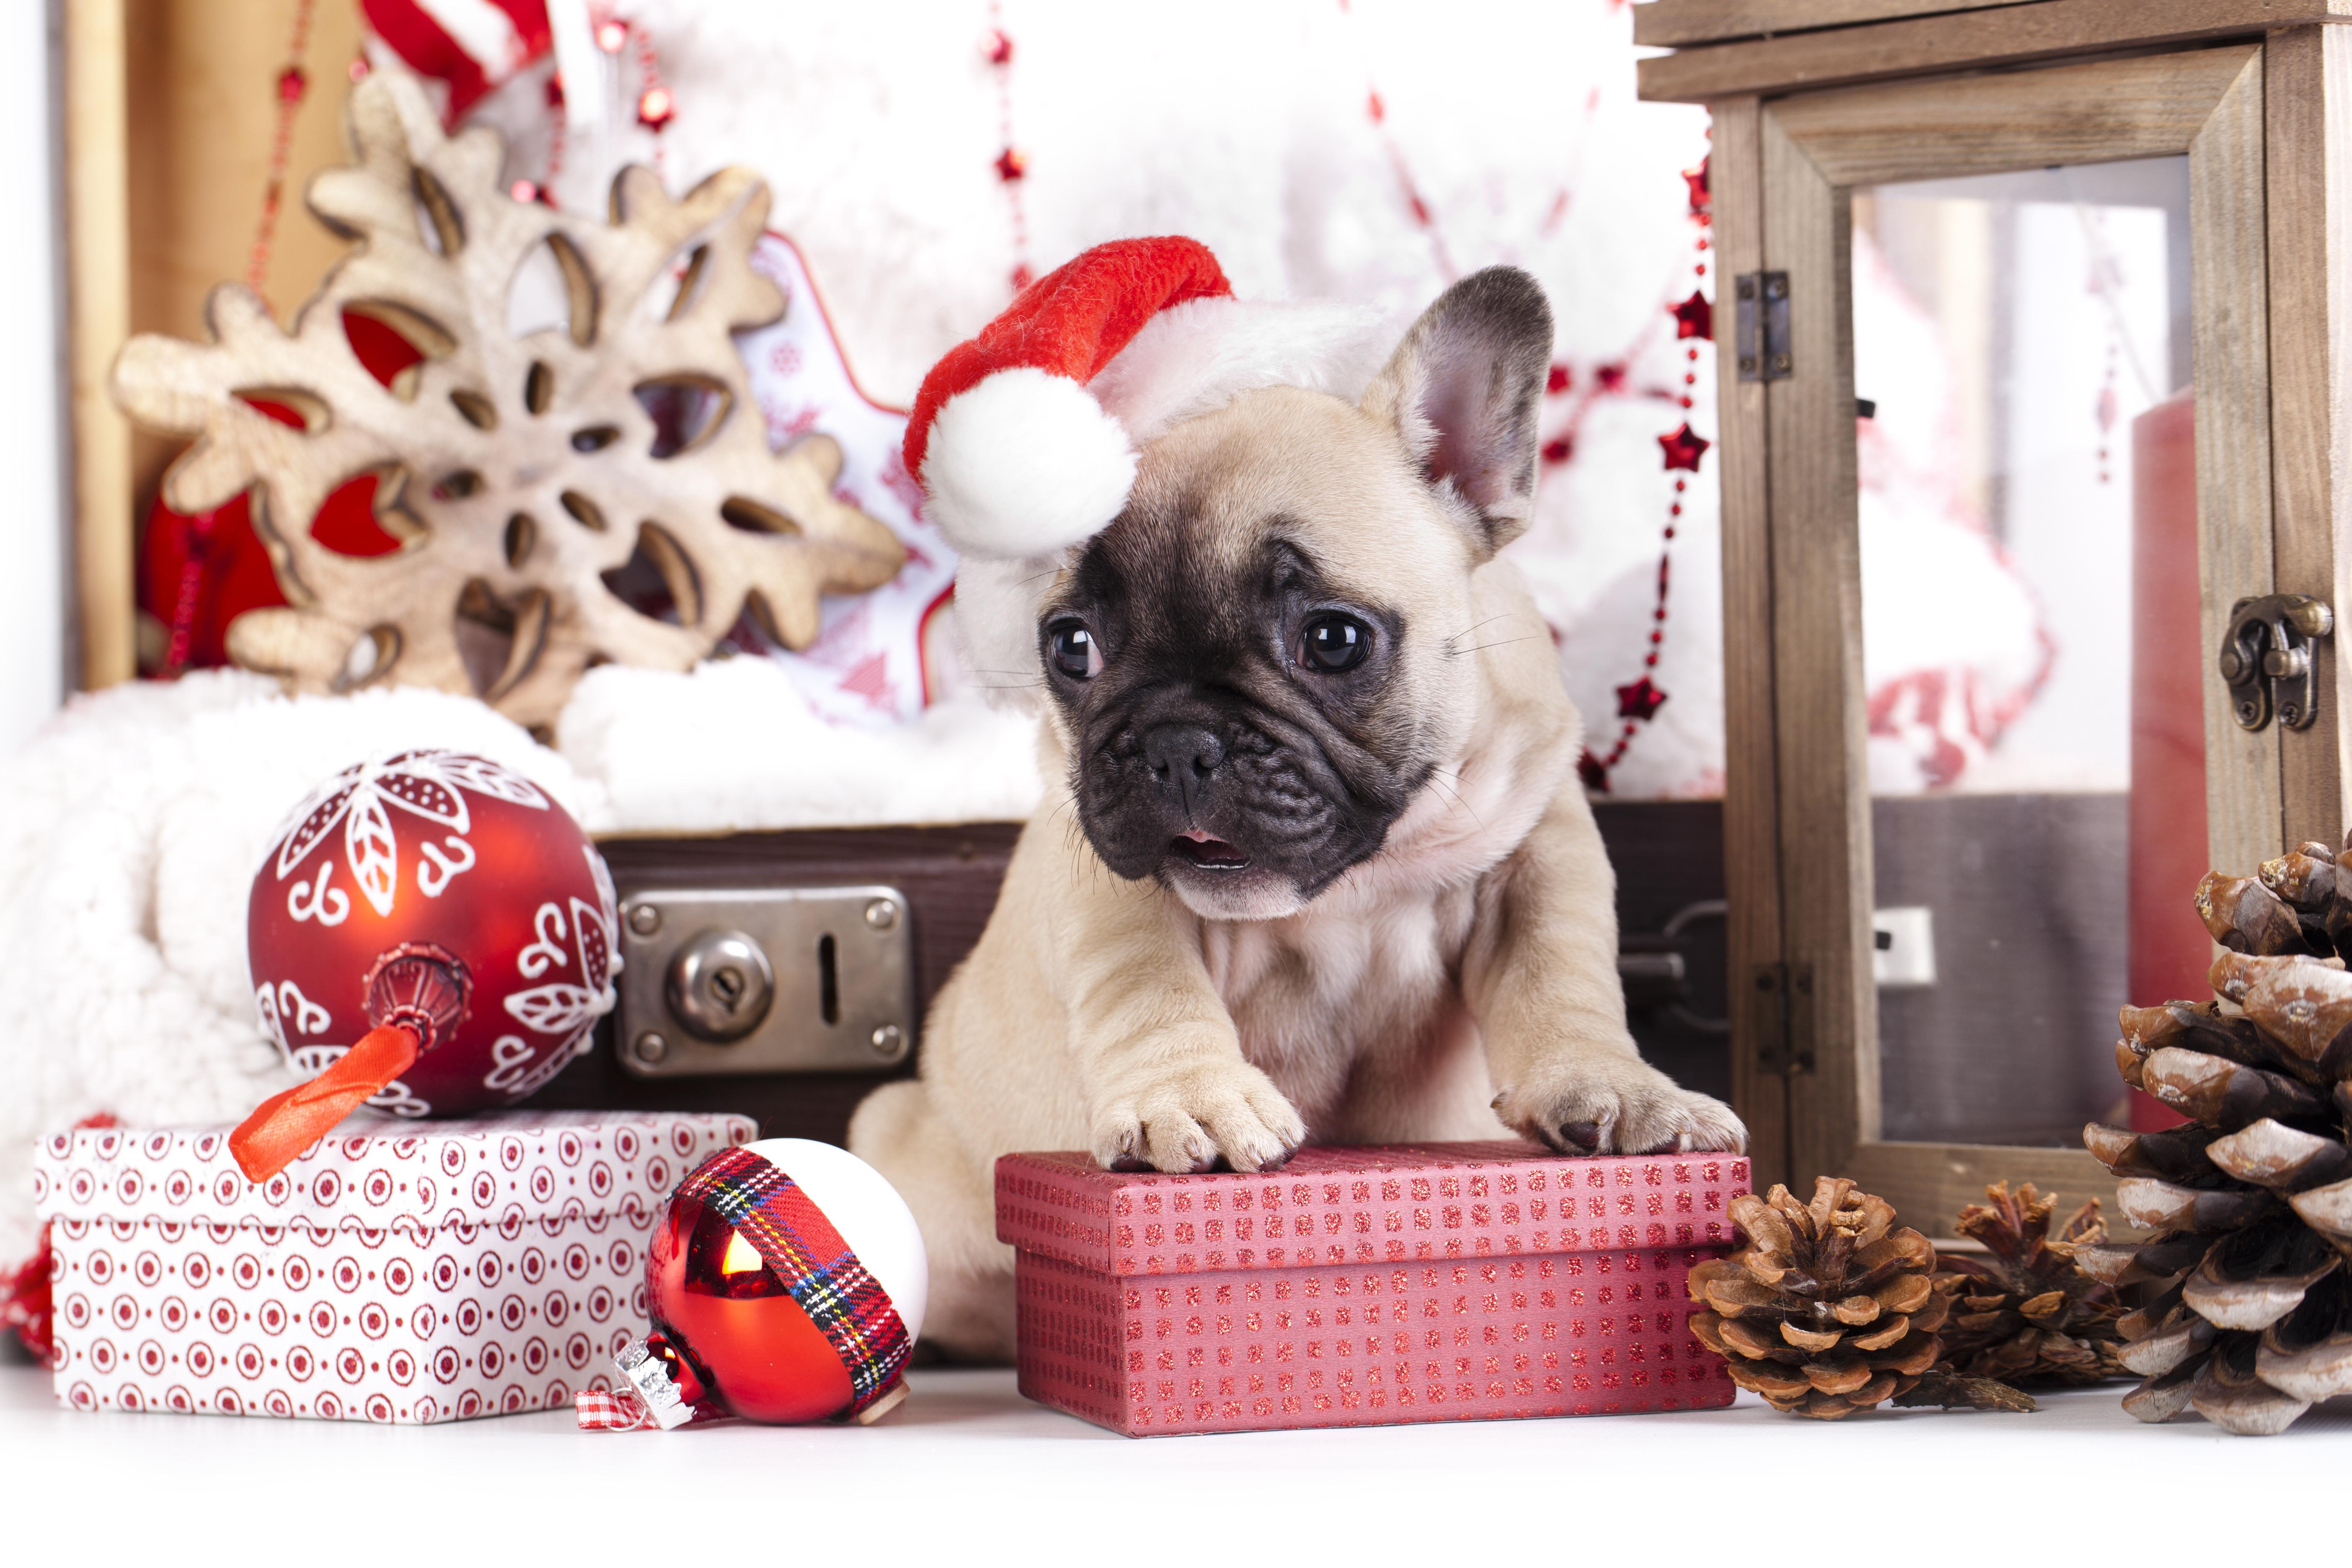 собачка в новогодней шапочке  № 1301978 бесплатно